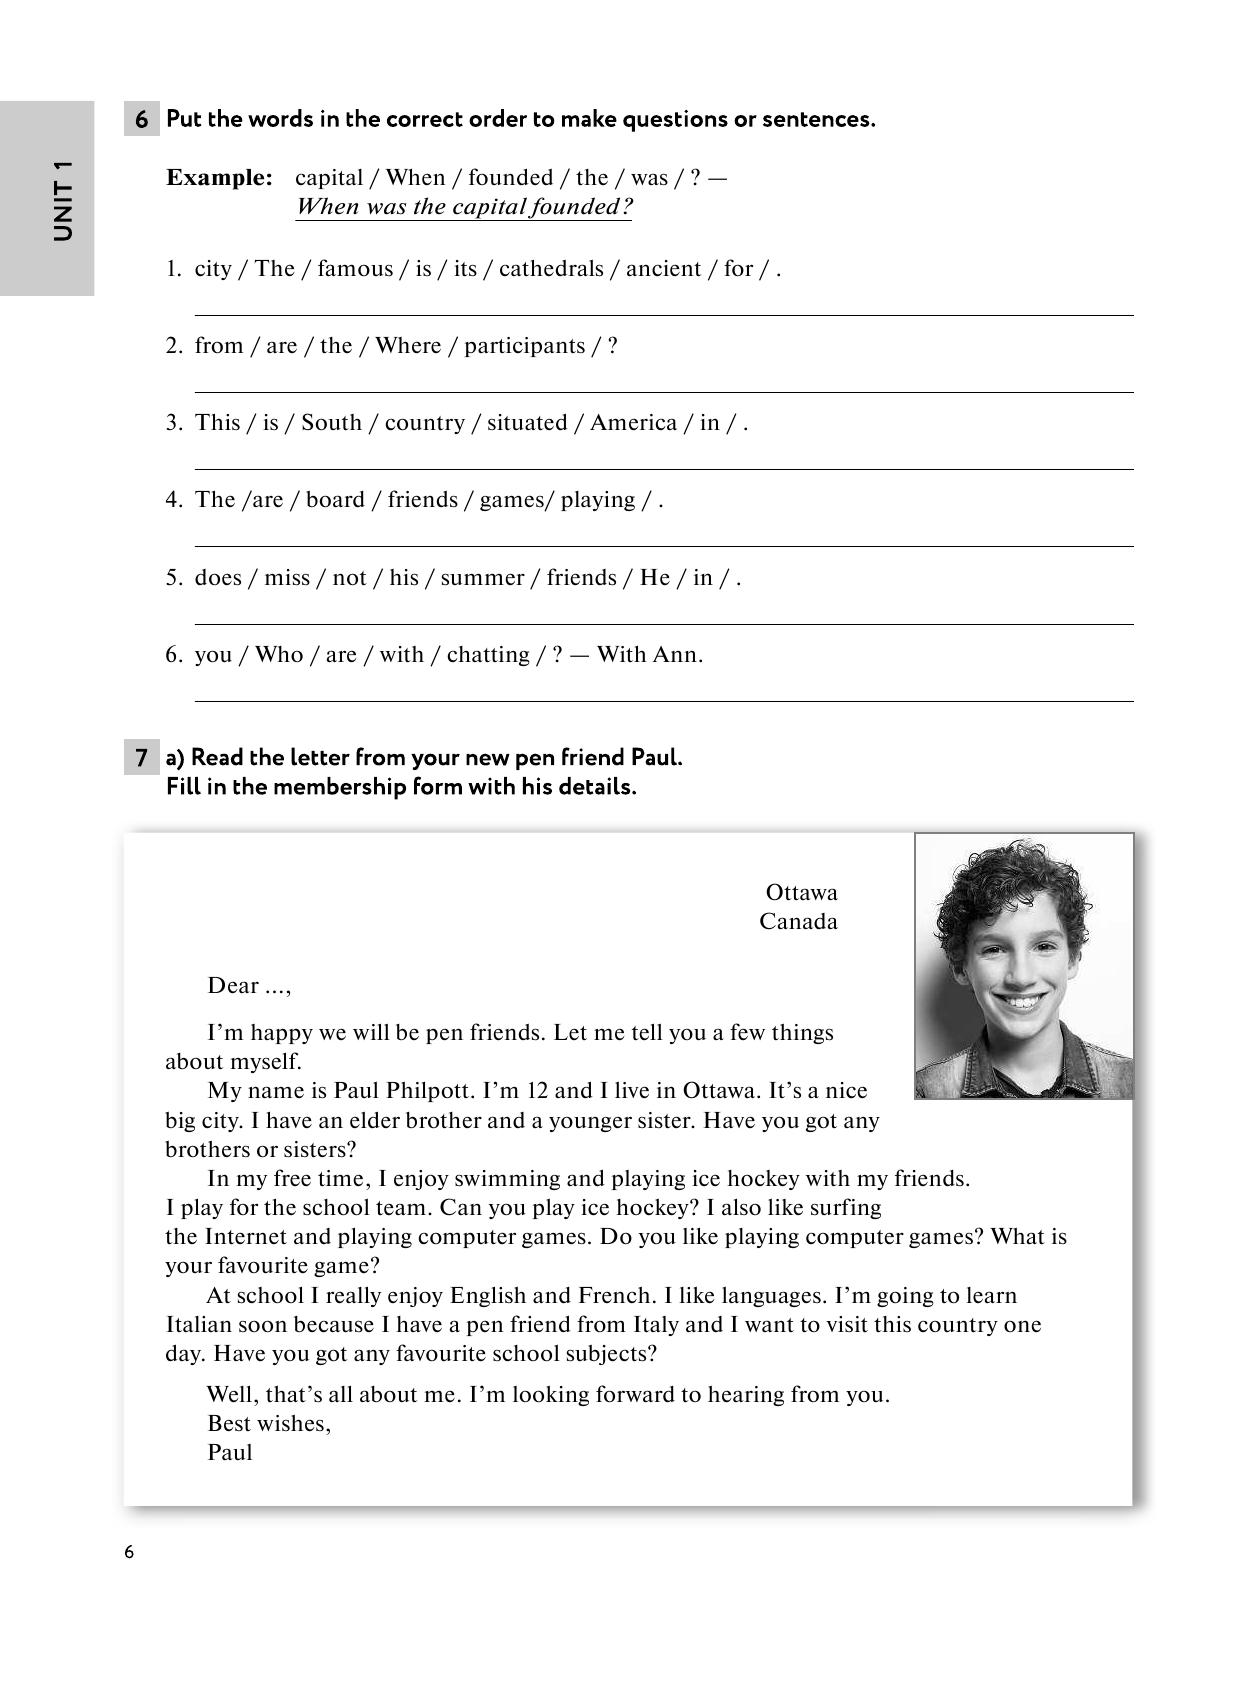 английский язык 6 класс биболетова аудиозапись